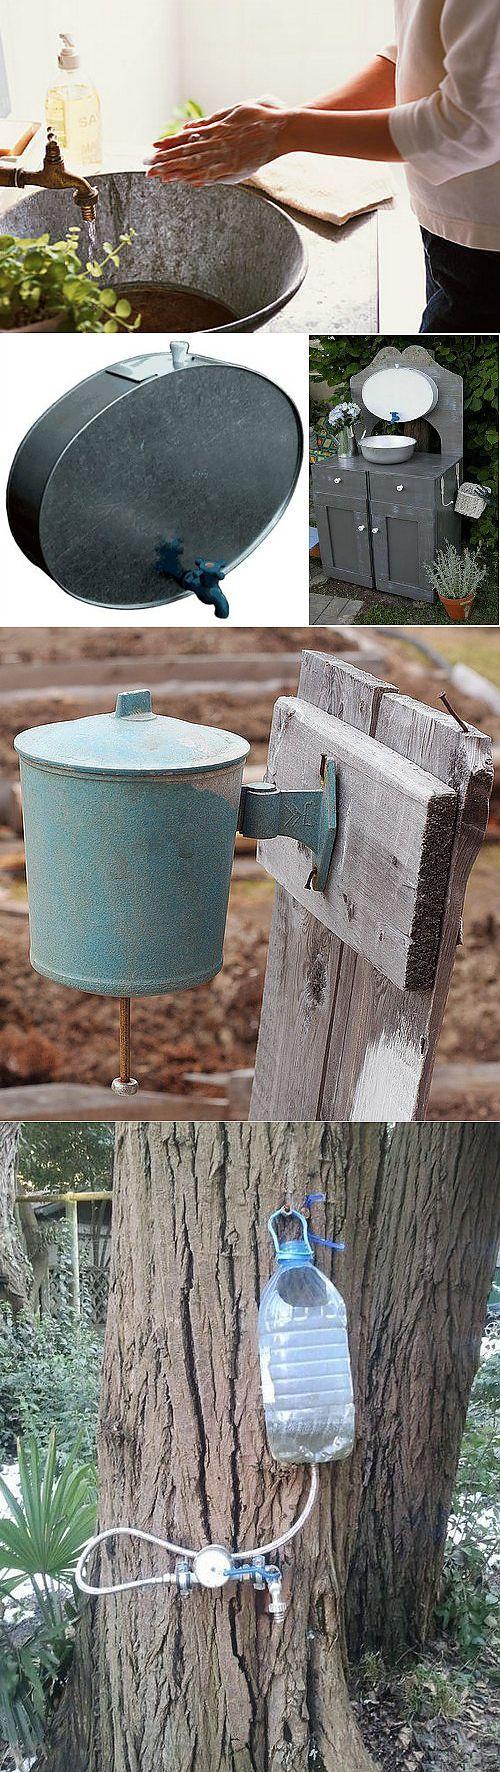 Уличный умывальник для дачи и сада: выбираем готовый или делаем своими руками   строительный блог вити петрова